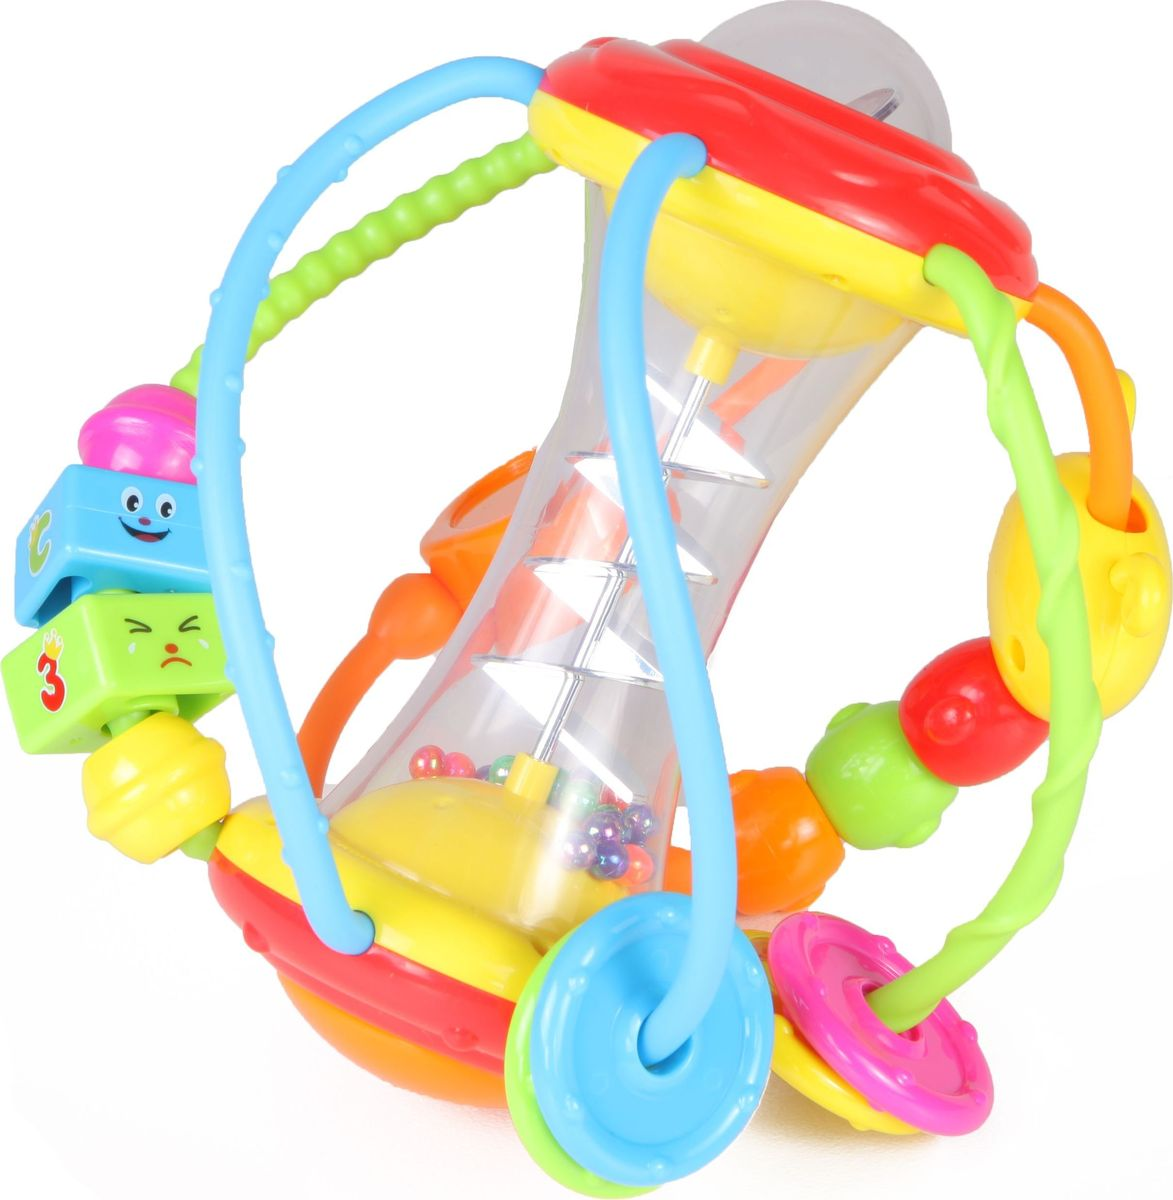 Huile Toys Развивающая игрушка Шар Y61168 huile toys развивающая игрушка руль